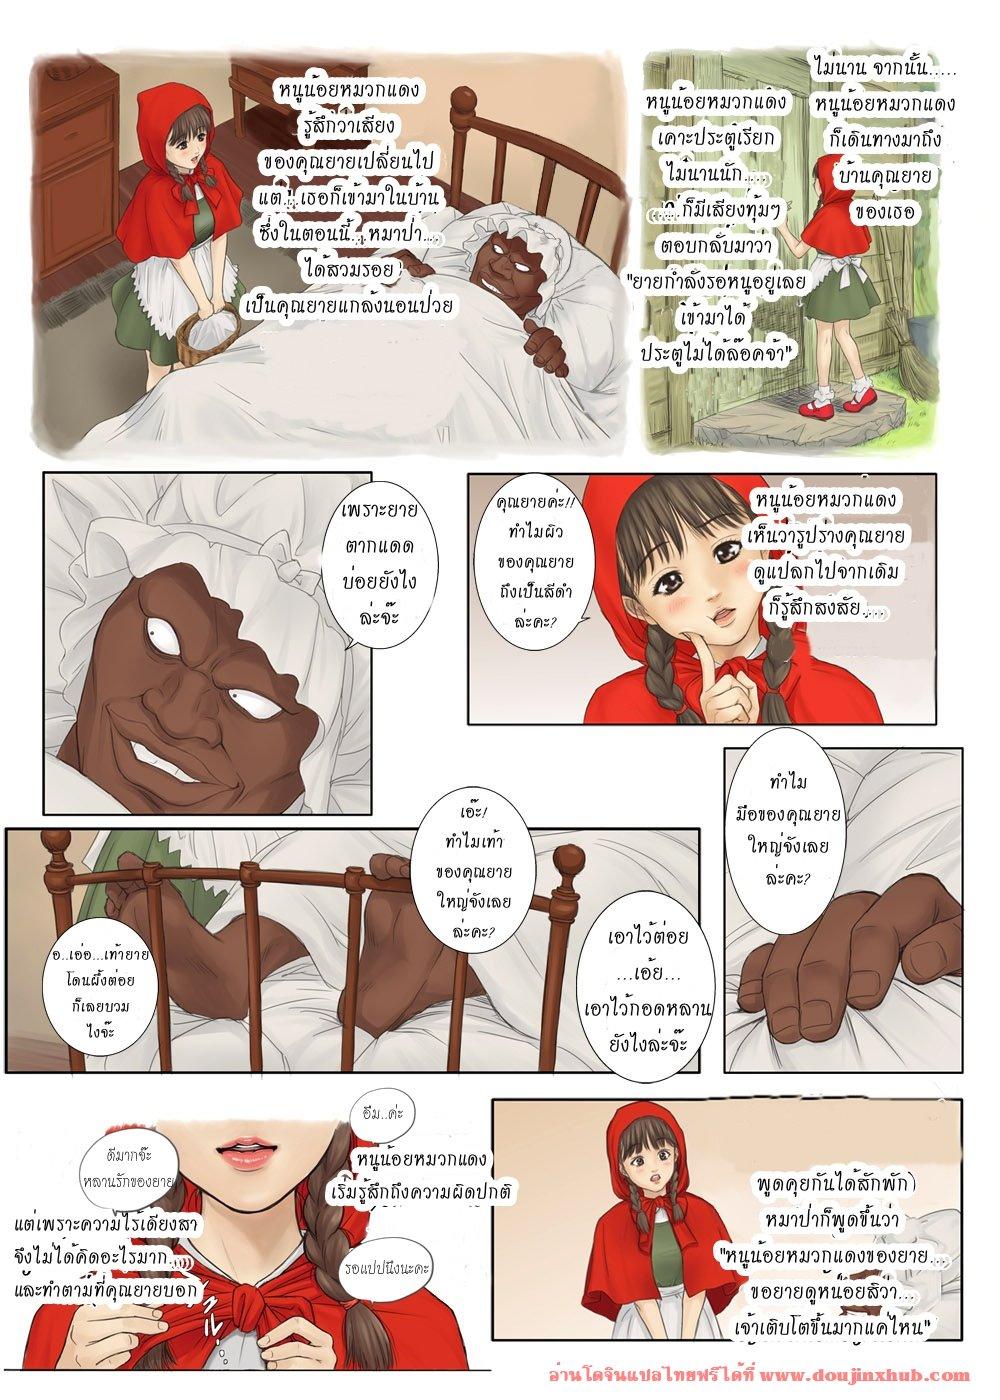 หนูน้อยหมวกแดง (ภาคพิเศษ)-5